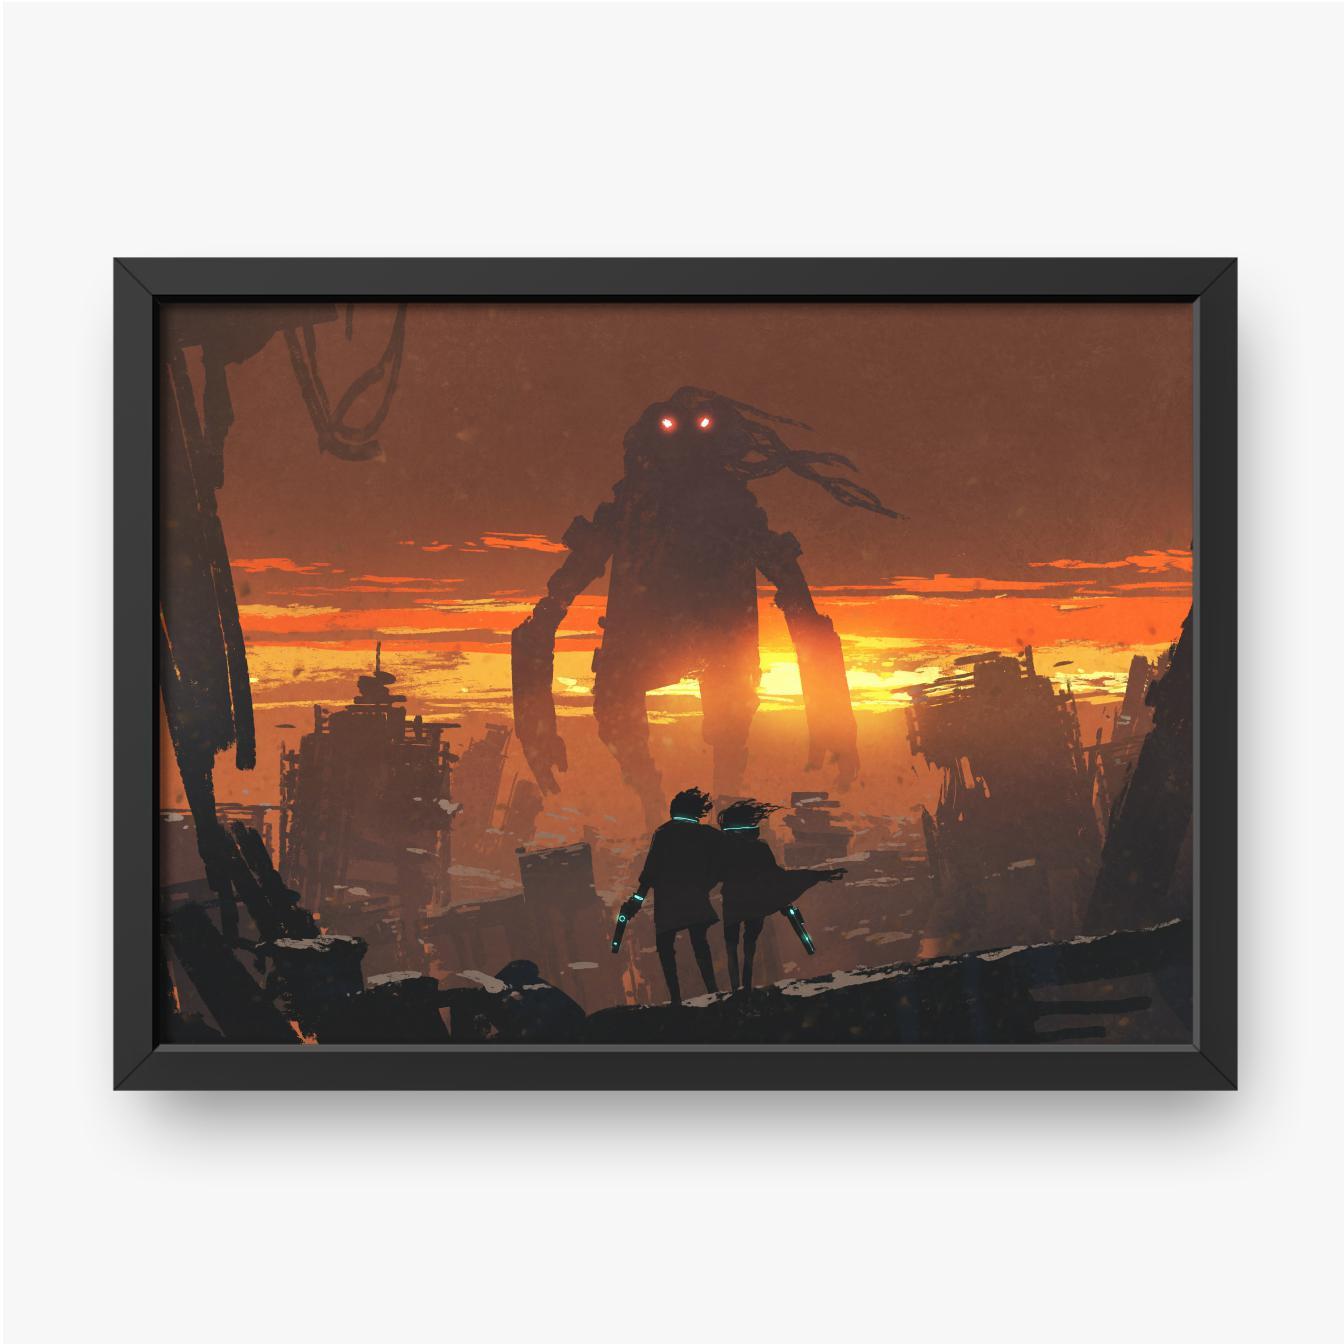 Para trzymająca broń i patrząca na gigantycznego robota stojącego w zniszczonym mieście